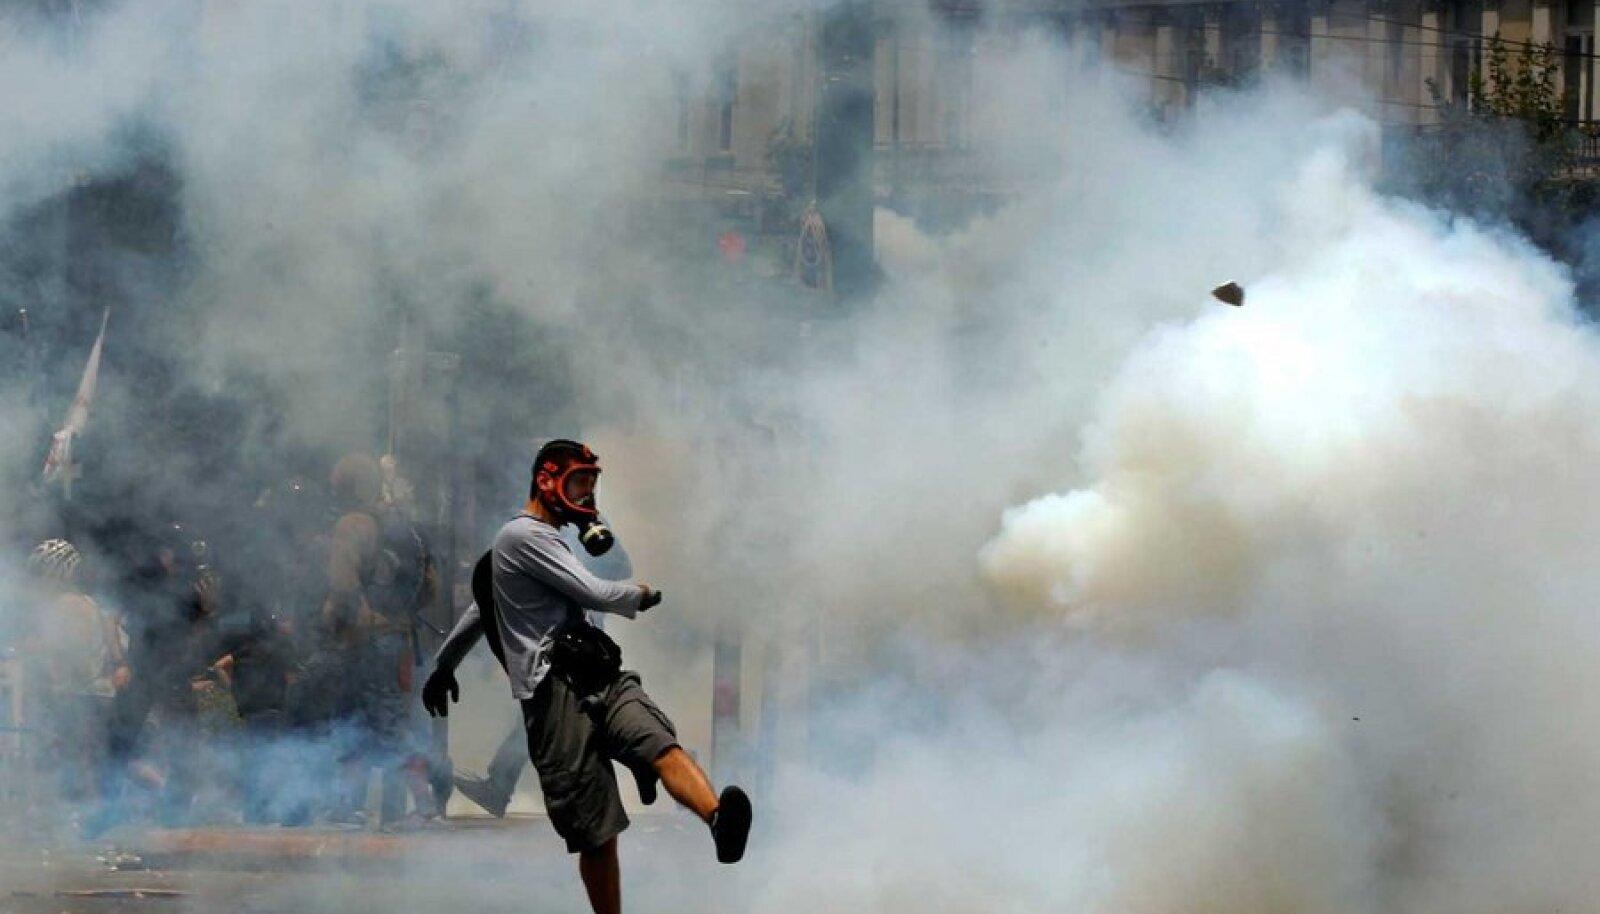 Kreeklastel on, mille eest võidelda. (Foto: Reuters/Scanpix)